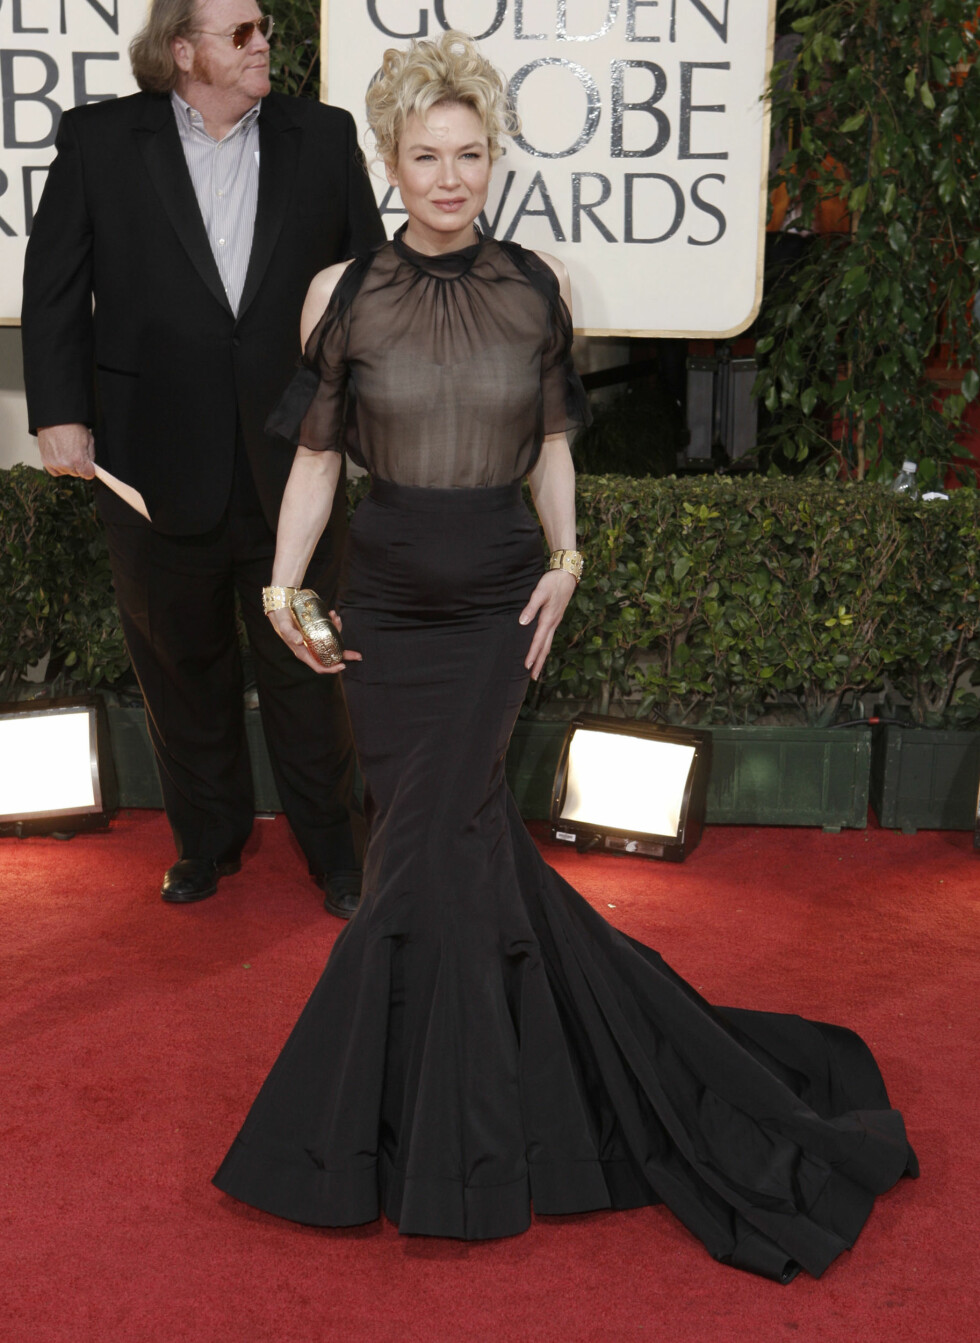 VERST KLEDD: Renee Zellweger i 2009 Foto: AP